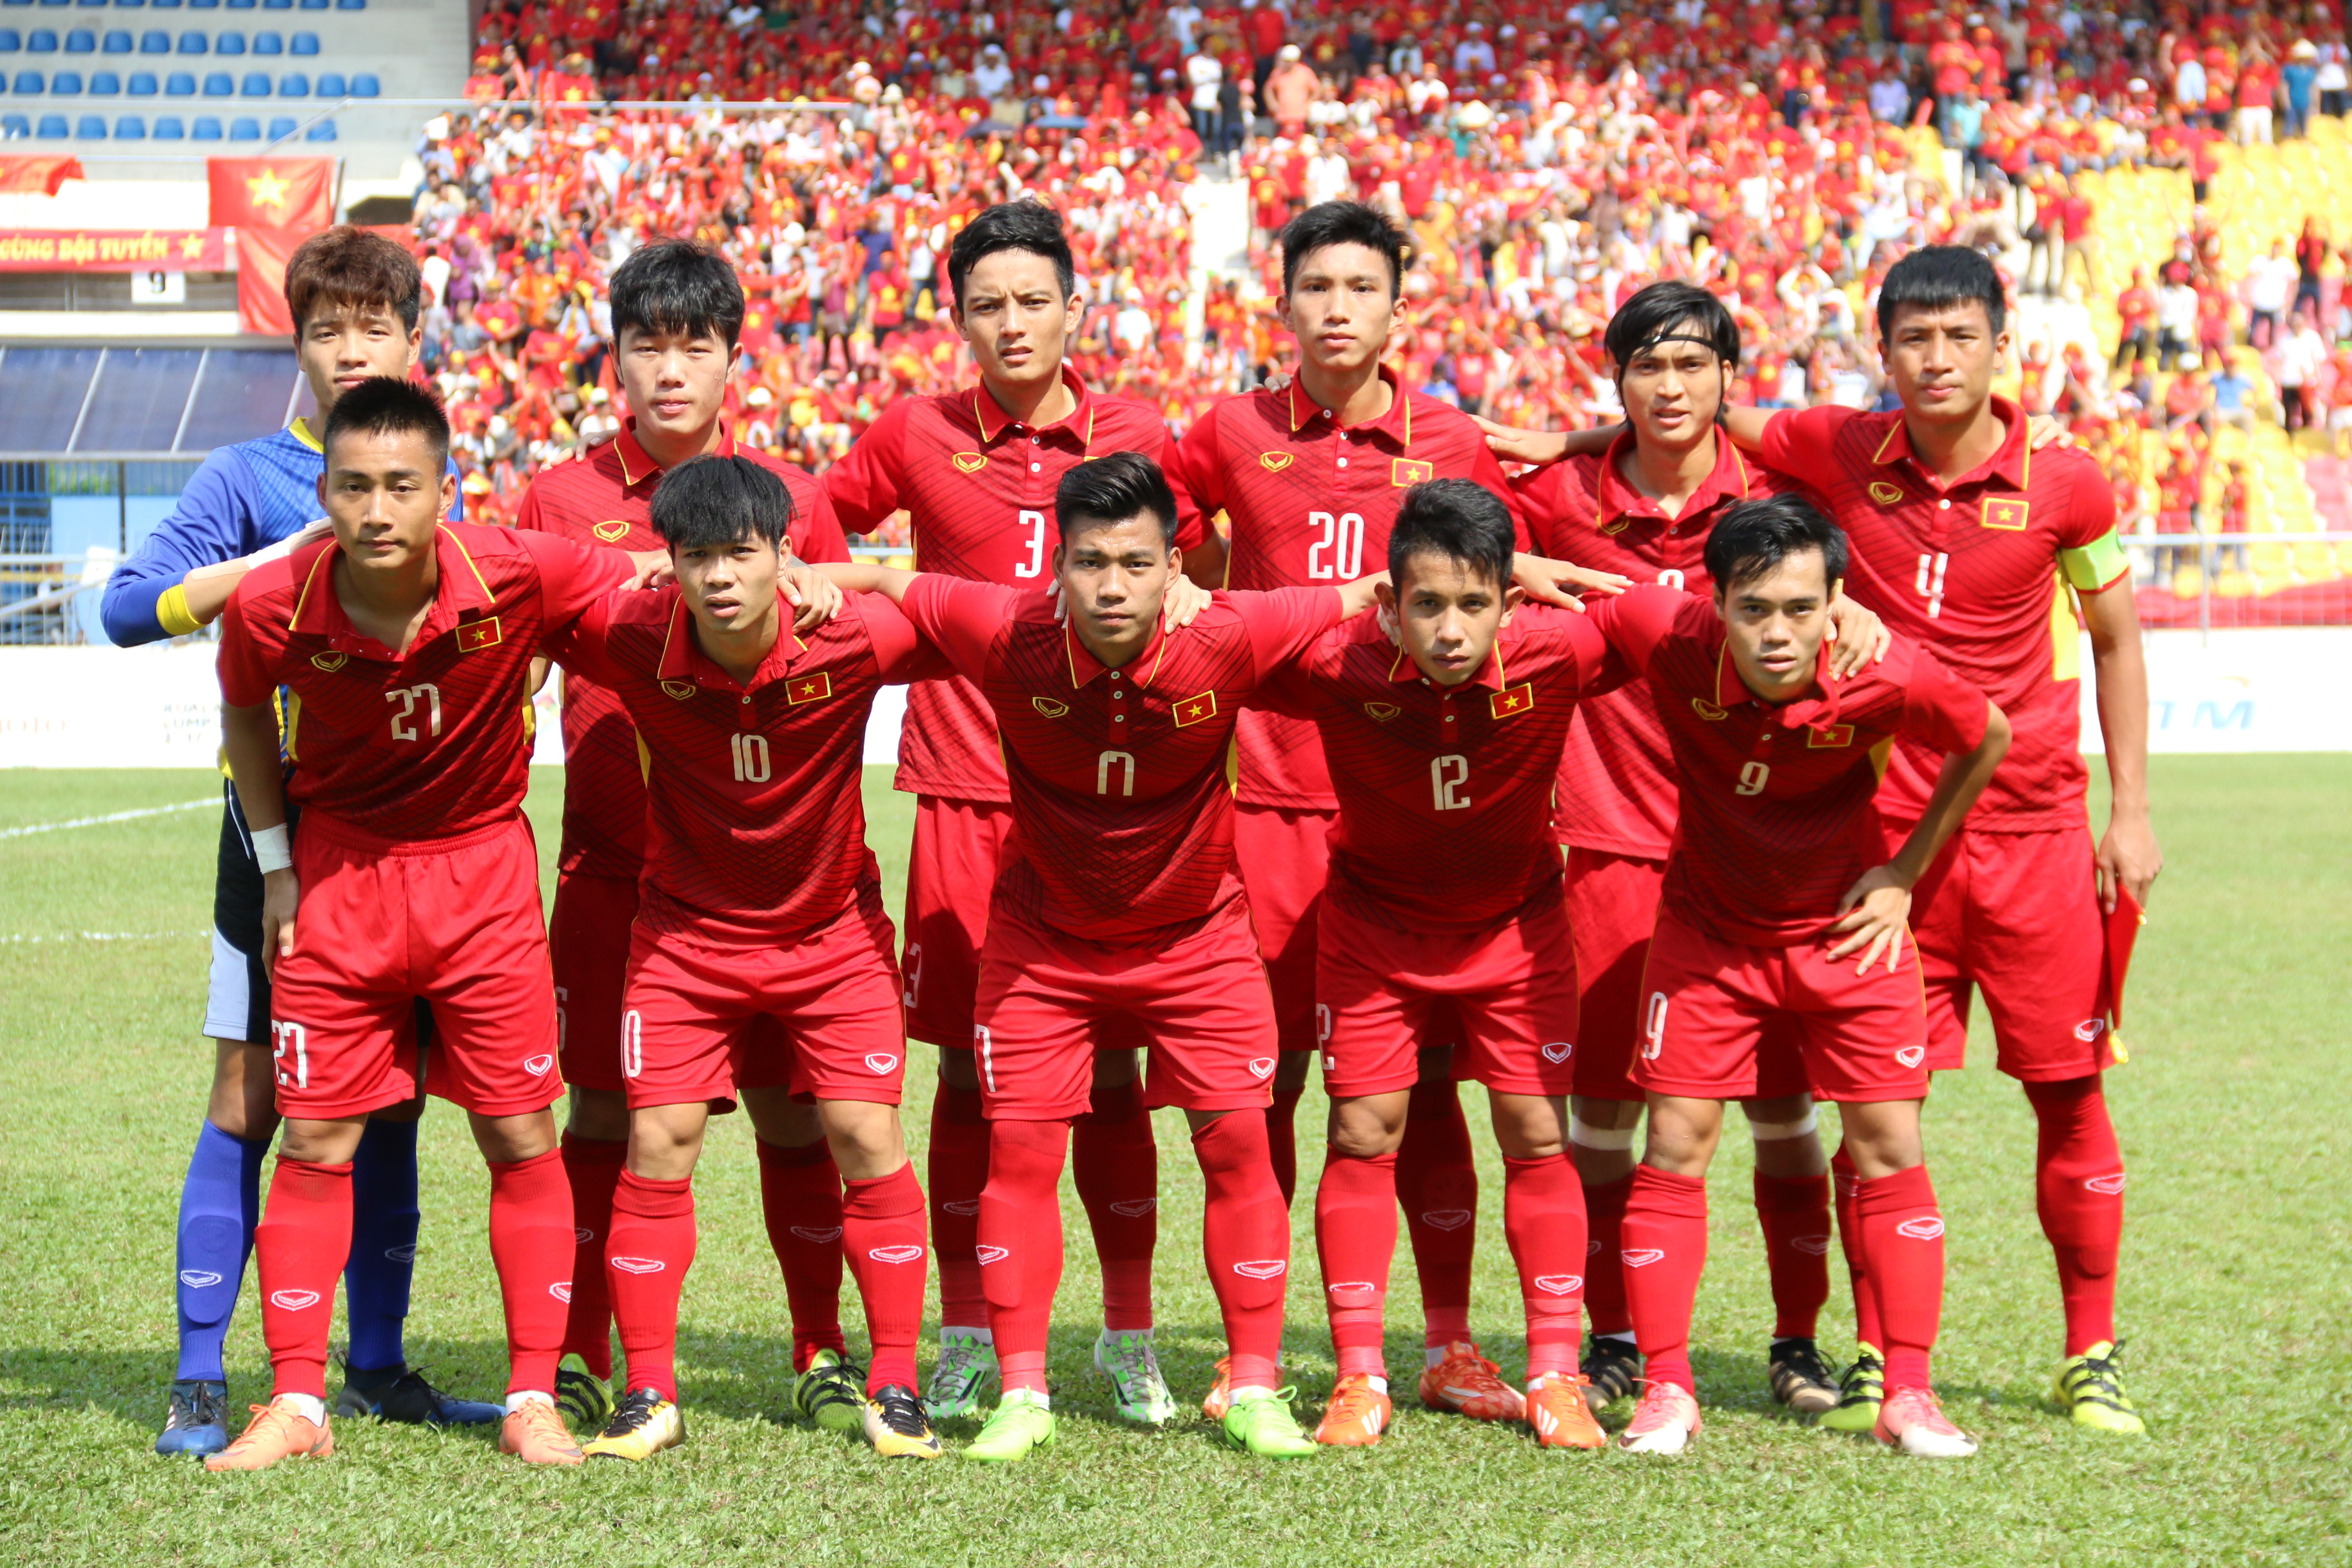 HLV Park Hang-seo dẫn dắt U23 Việt Nam đá giao hữu trên đất Thái - Bóng Đá